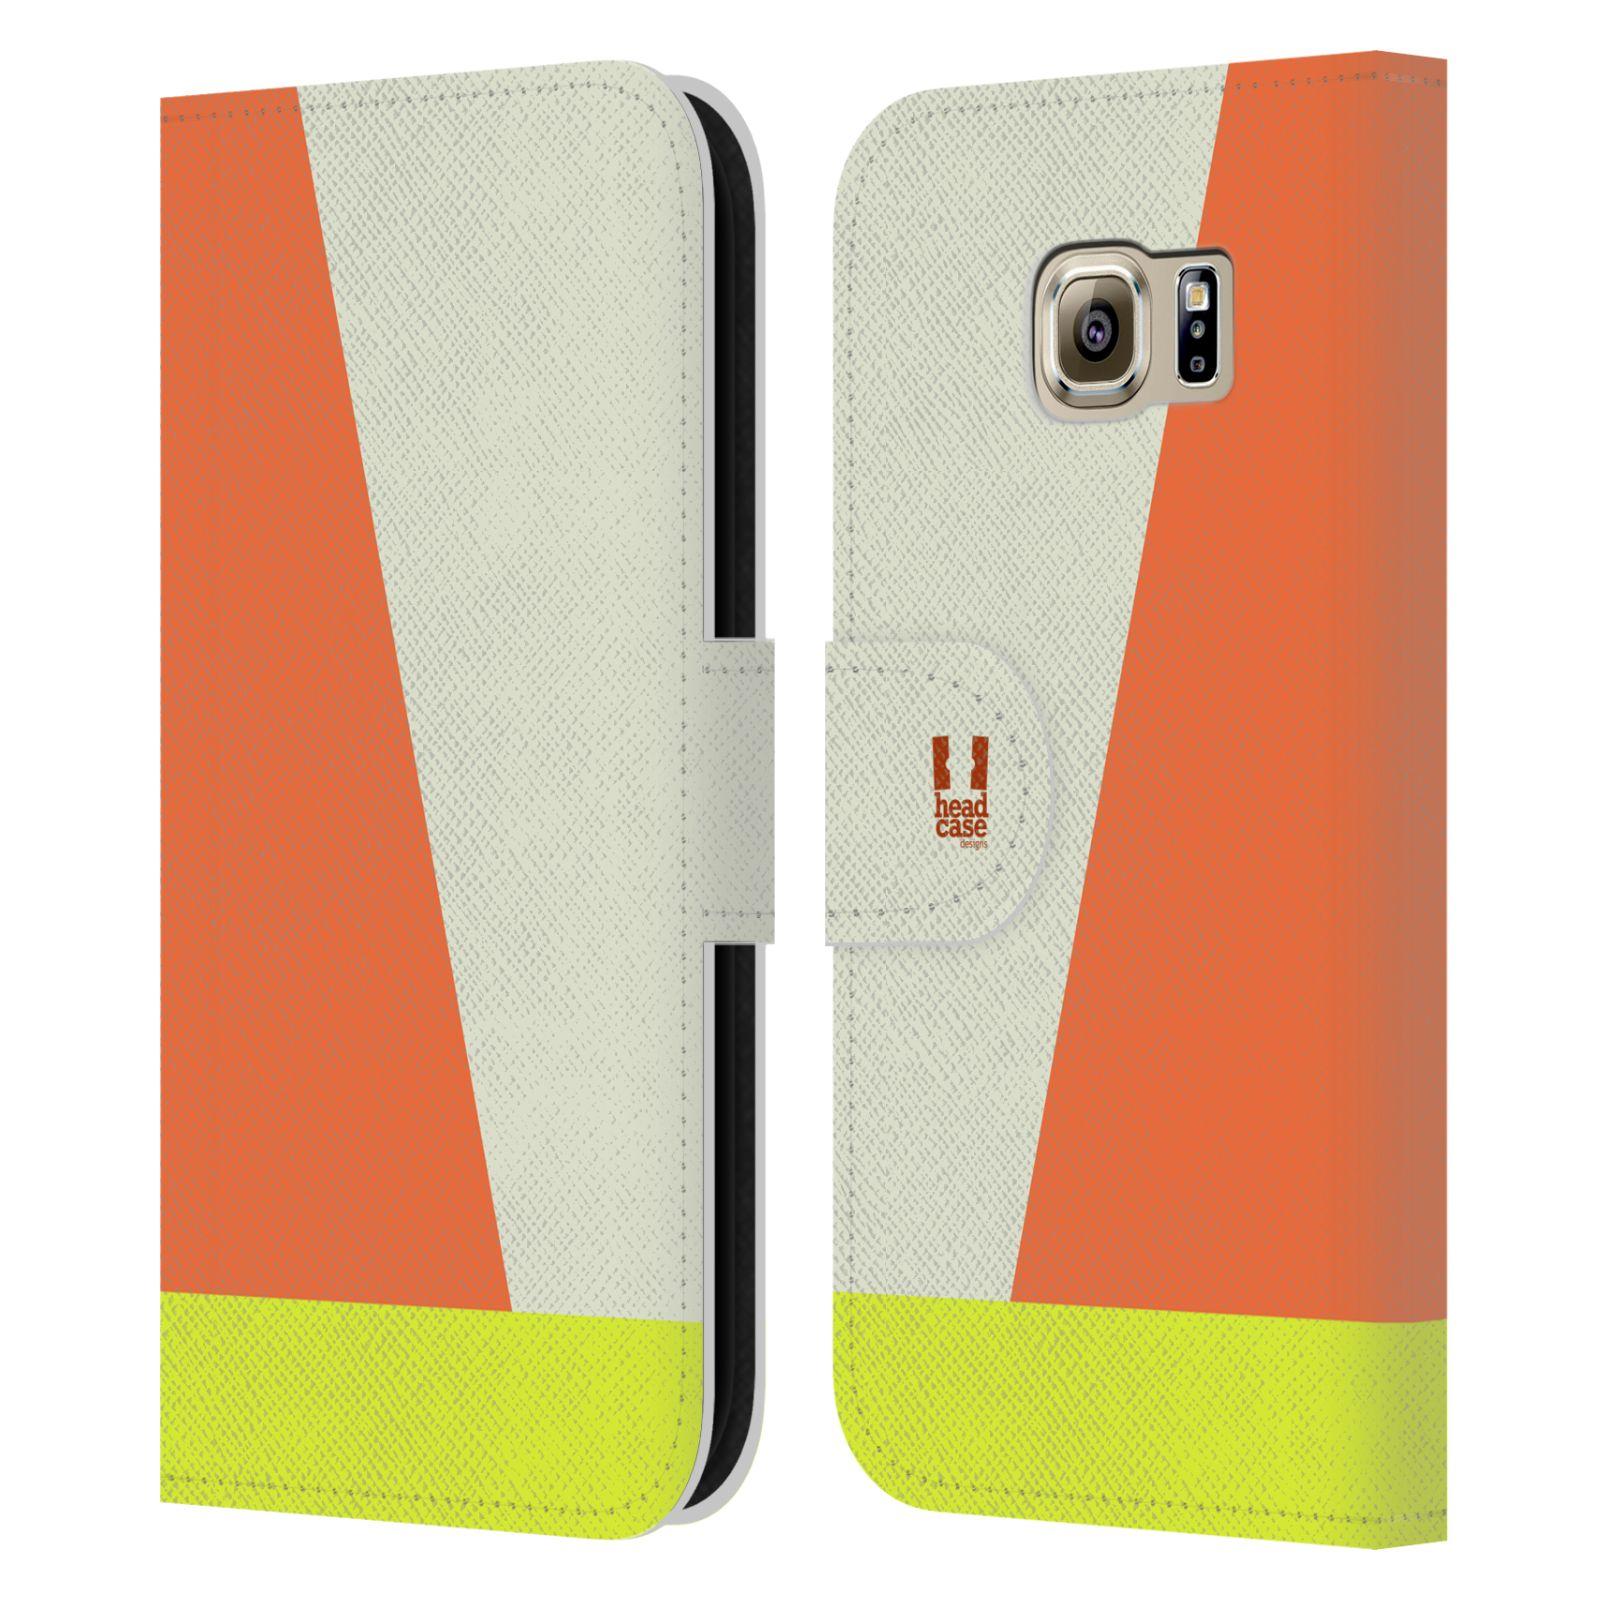 HEAD CASE Flipové pouzdro pro mobil Samsung Galaxy S6 barevné tvary slonová kost